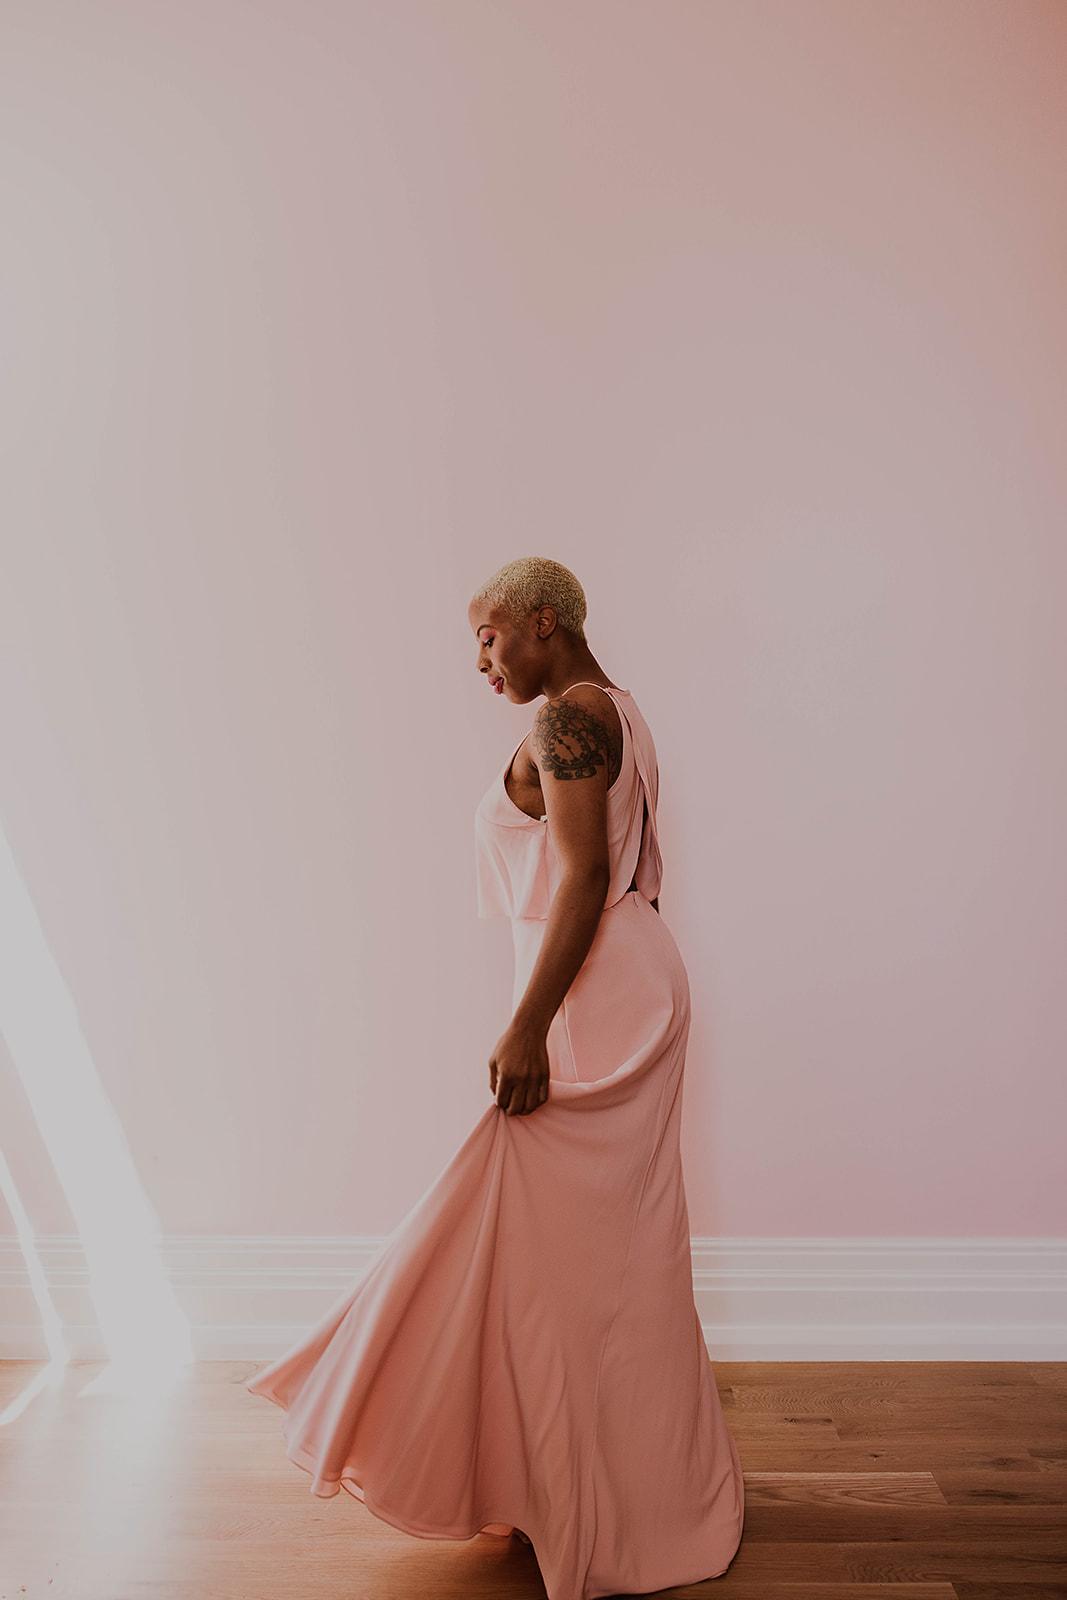 Elle dress featured in Columbus Ohio bridesmaid photo shoot